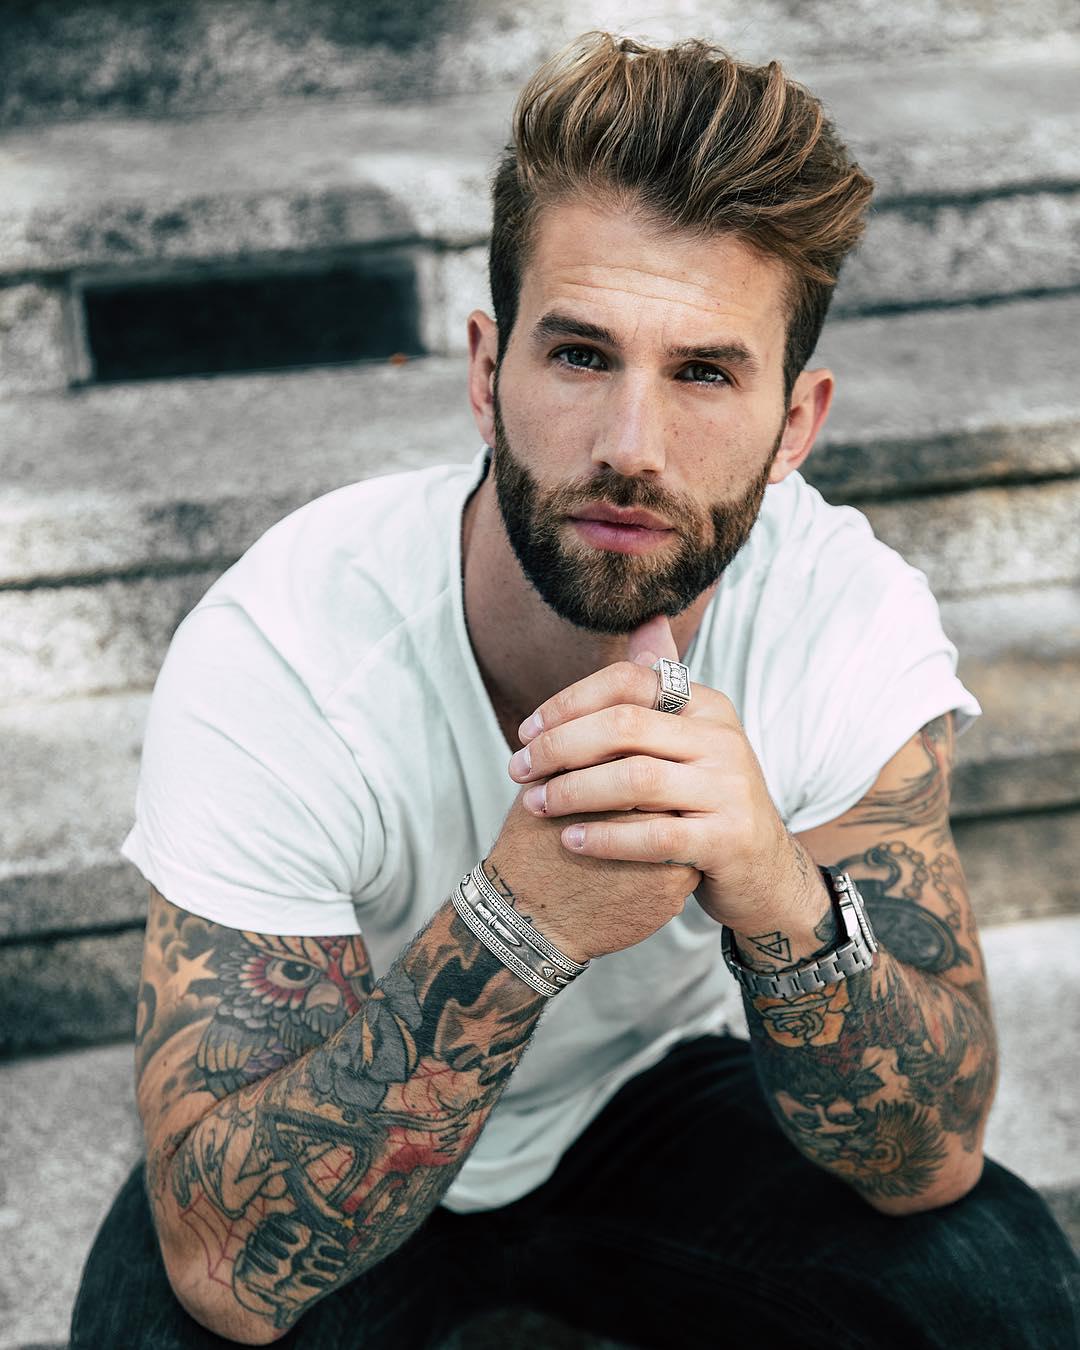 Wat Kost Een Tattoo Deze Factoren Bepalen De Prijs Van Een